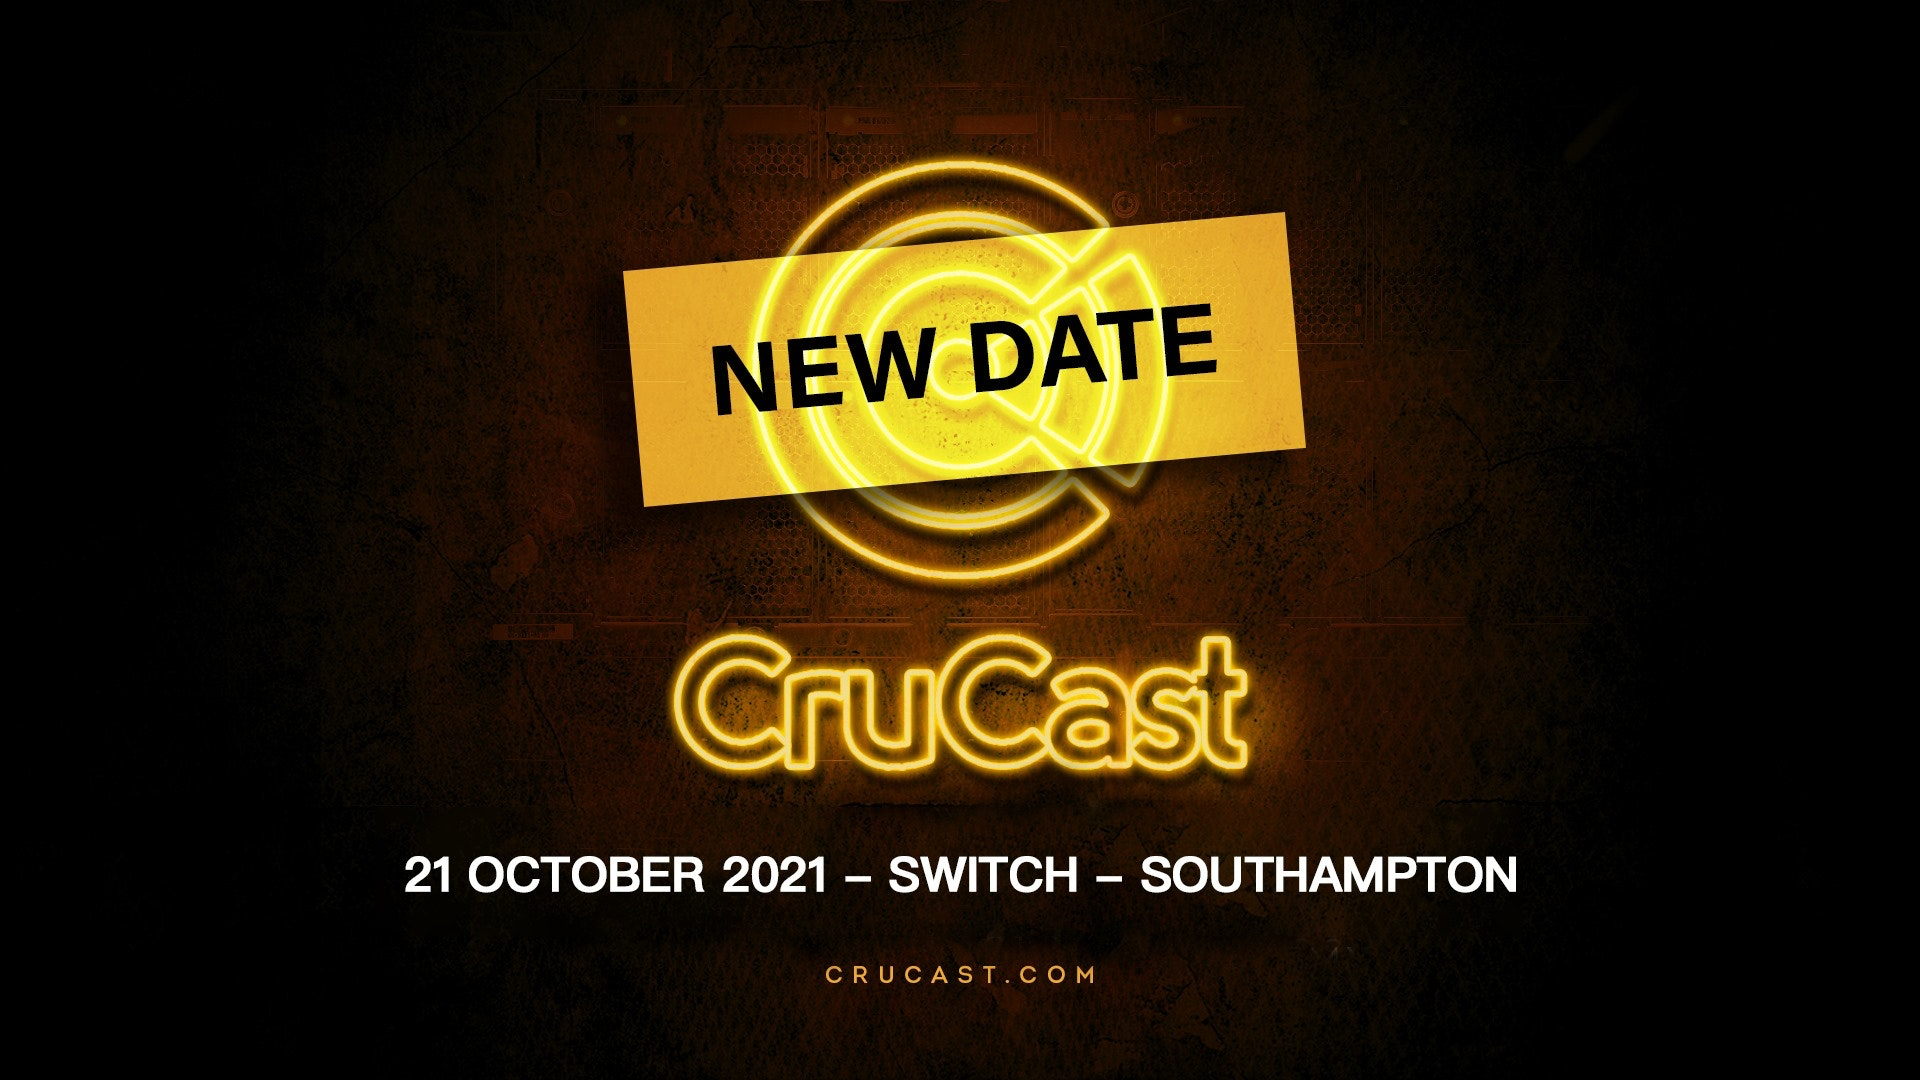 CruCast Southampton – NEW DATE